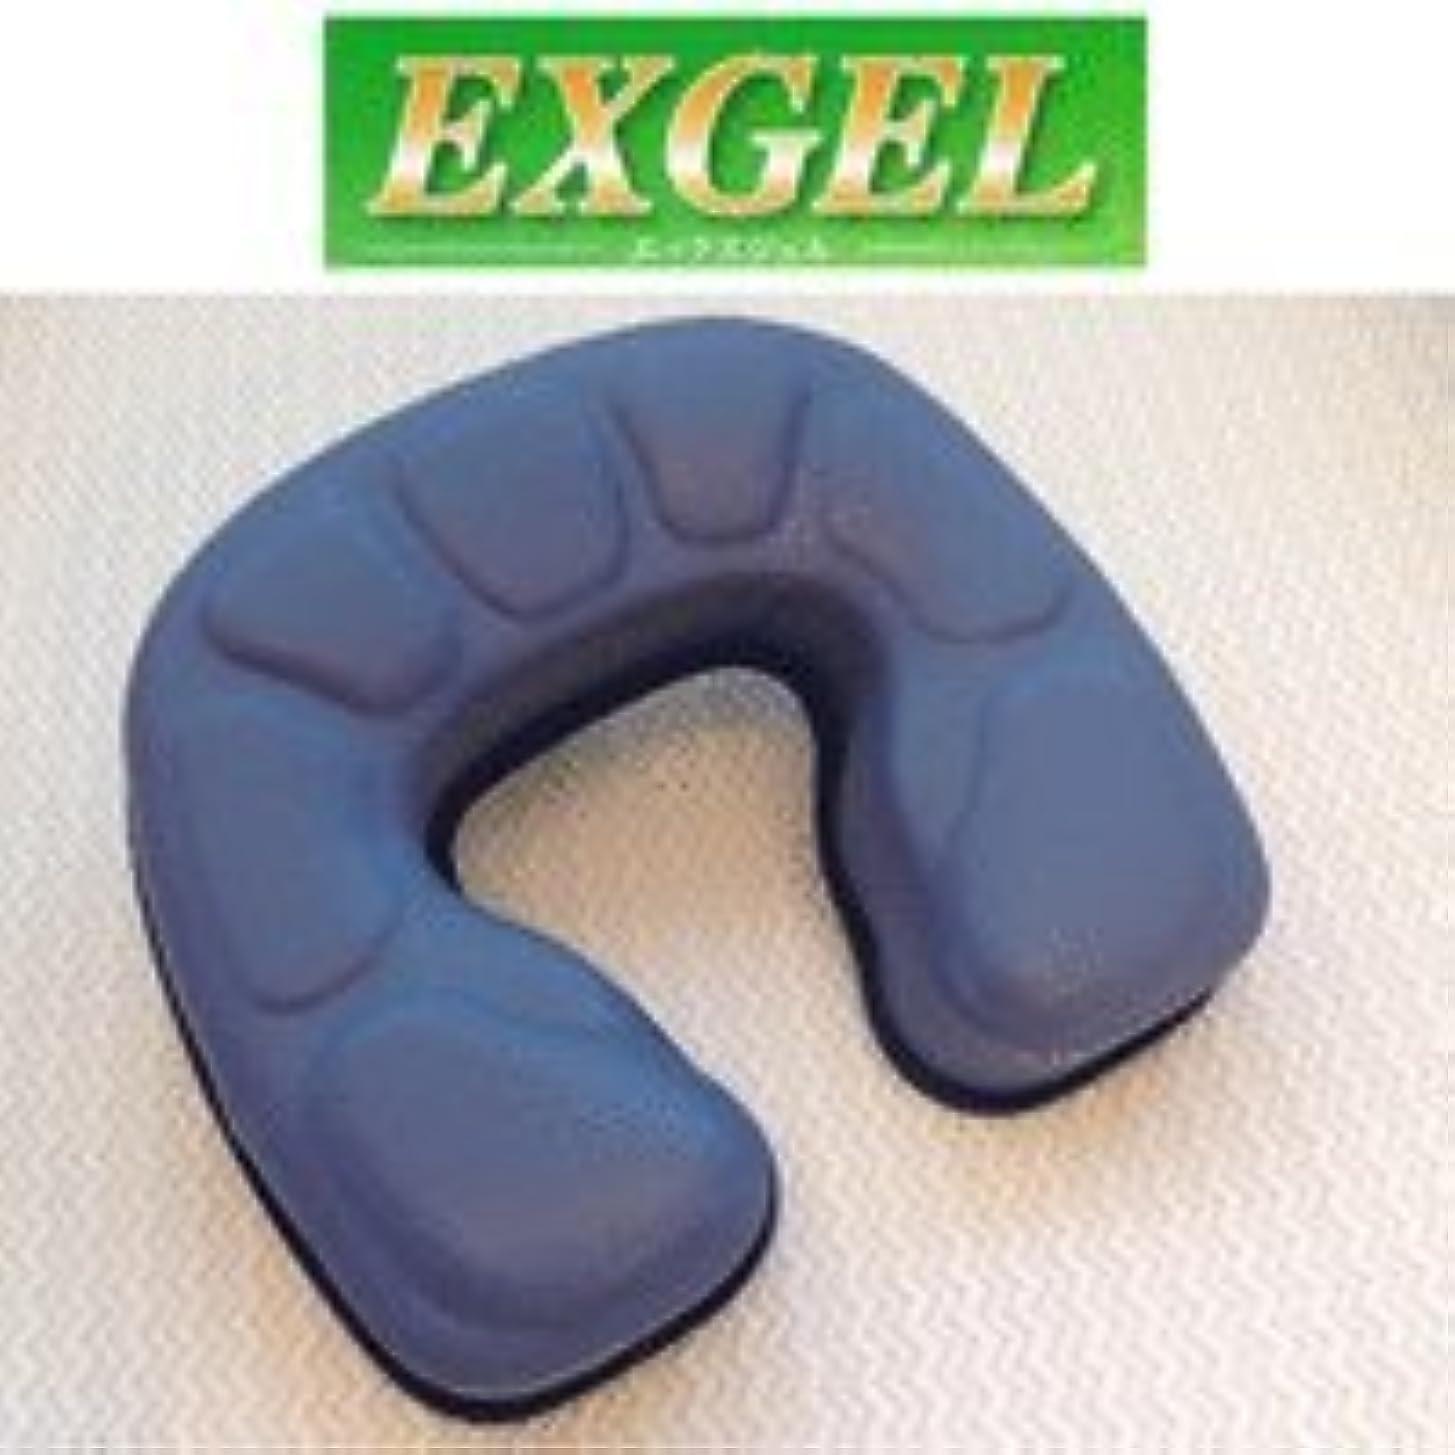 むしろタバコ洞察力EXGEL(エックスジェル) EXフェイスマット 25×26×6cm (カナケン治療?施術用枕) うつぶせ寝まくら KT-297